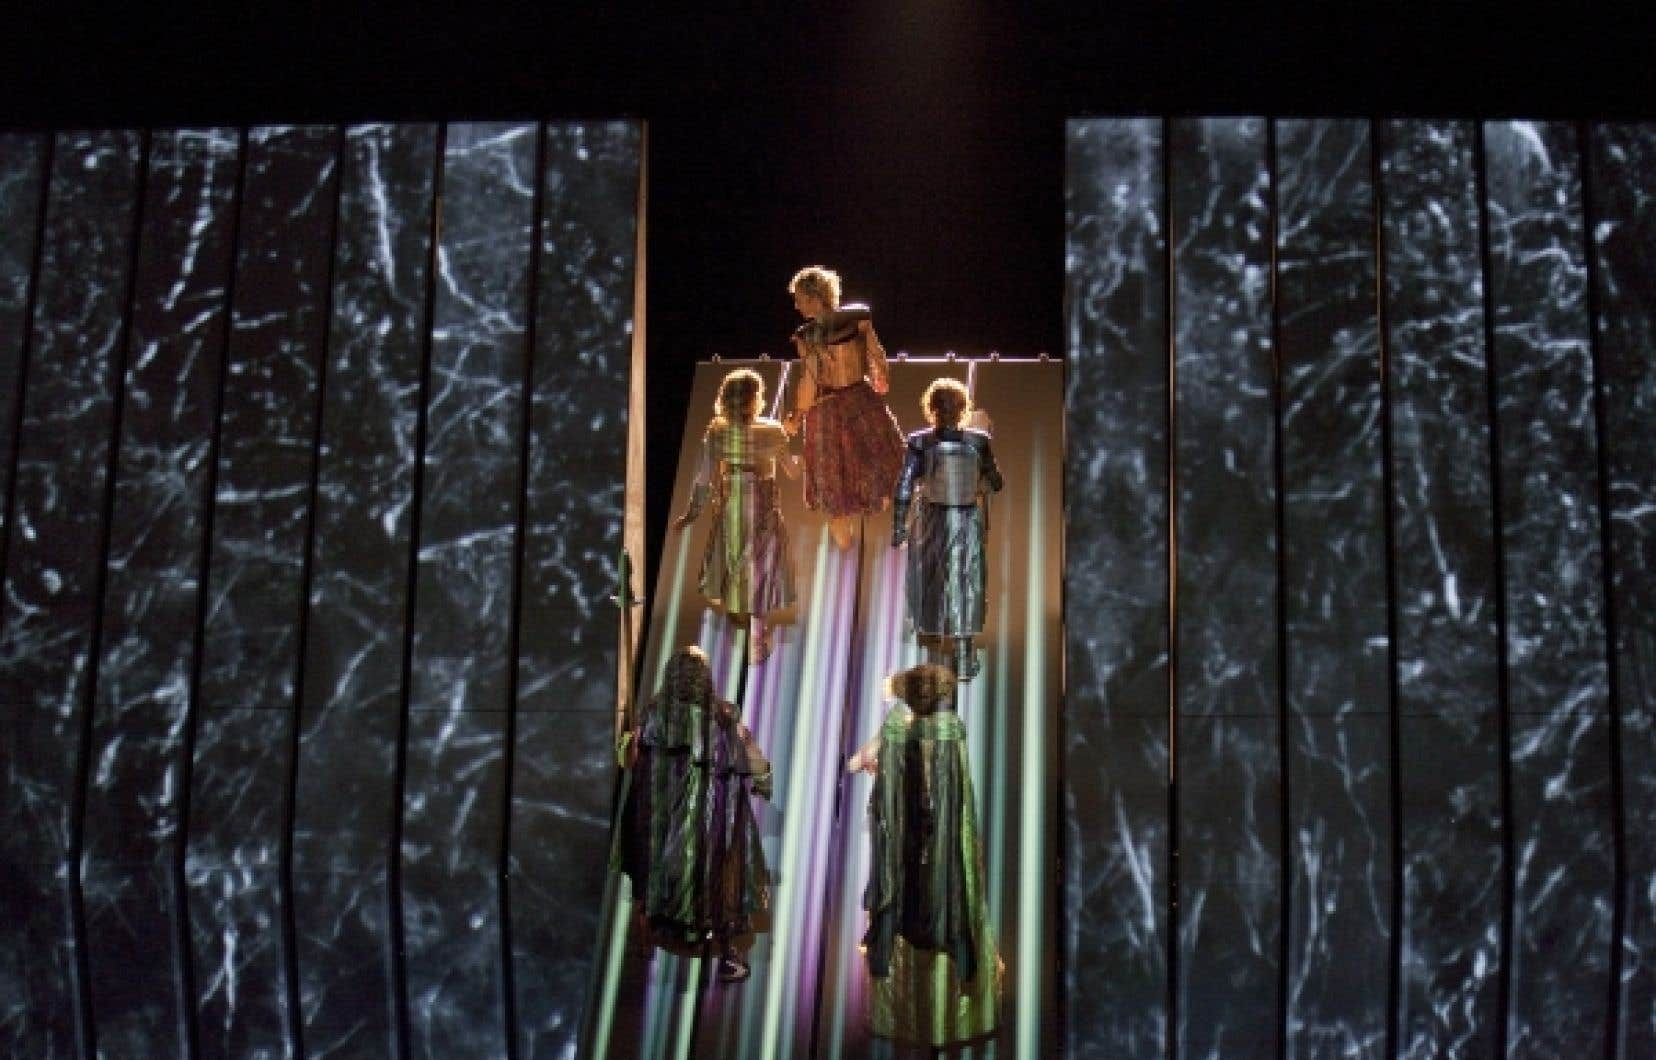 Un dispositif scénique unique nourrira le spectacle. Il est composé de pales de 29 pieds tournant autour d'un axe, lui même susceptible de bouger grâce à une machinerie complexe pour laquelle il a fallu renforcer la scène du Met.<br />